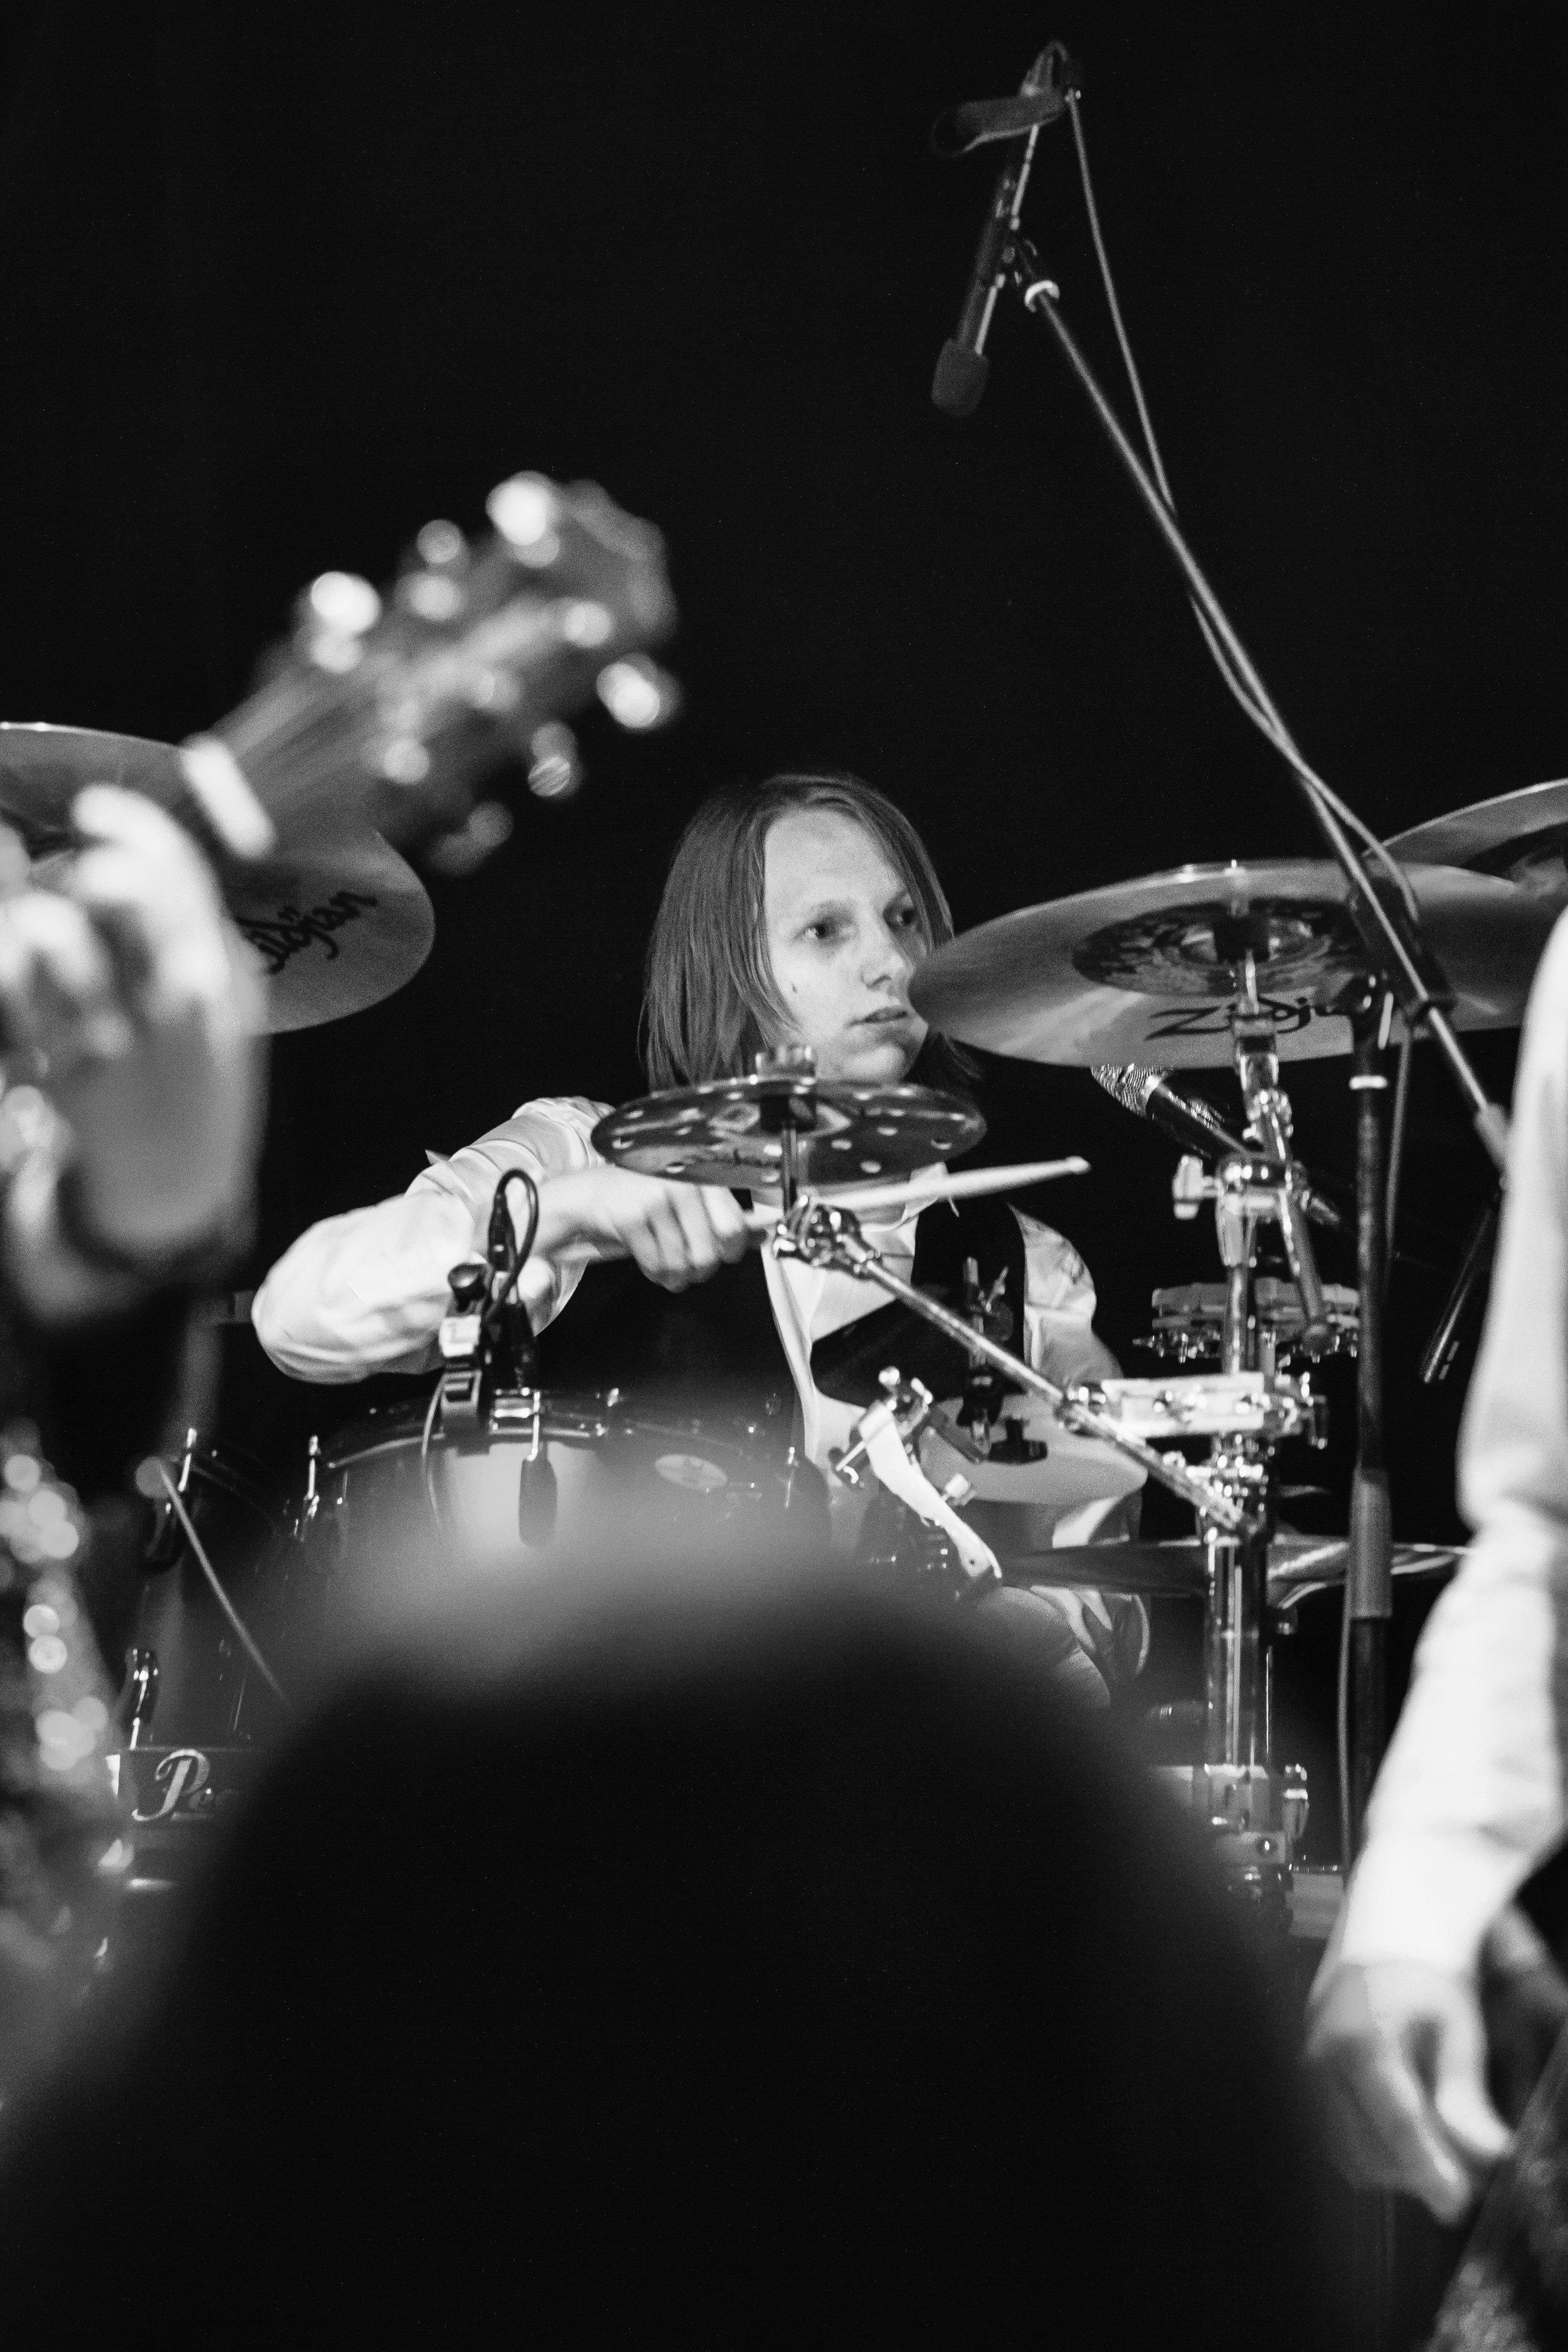 Roel Trommelen - Roel en ik spelen al samen sinds de middelbare school, toen we in ons allereerste bandje speelden. Hij is een creatieve percussionist en drummer, die uitdaging ziet in elk nummer. Van origine houdt hij enorm van progressieve rockmuziek, maar ook popmuziek gaat hij niet uit de weg.(Foto door Ellis van Eijden)